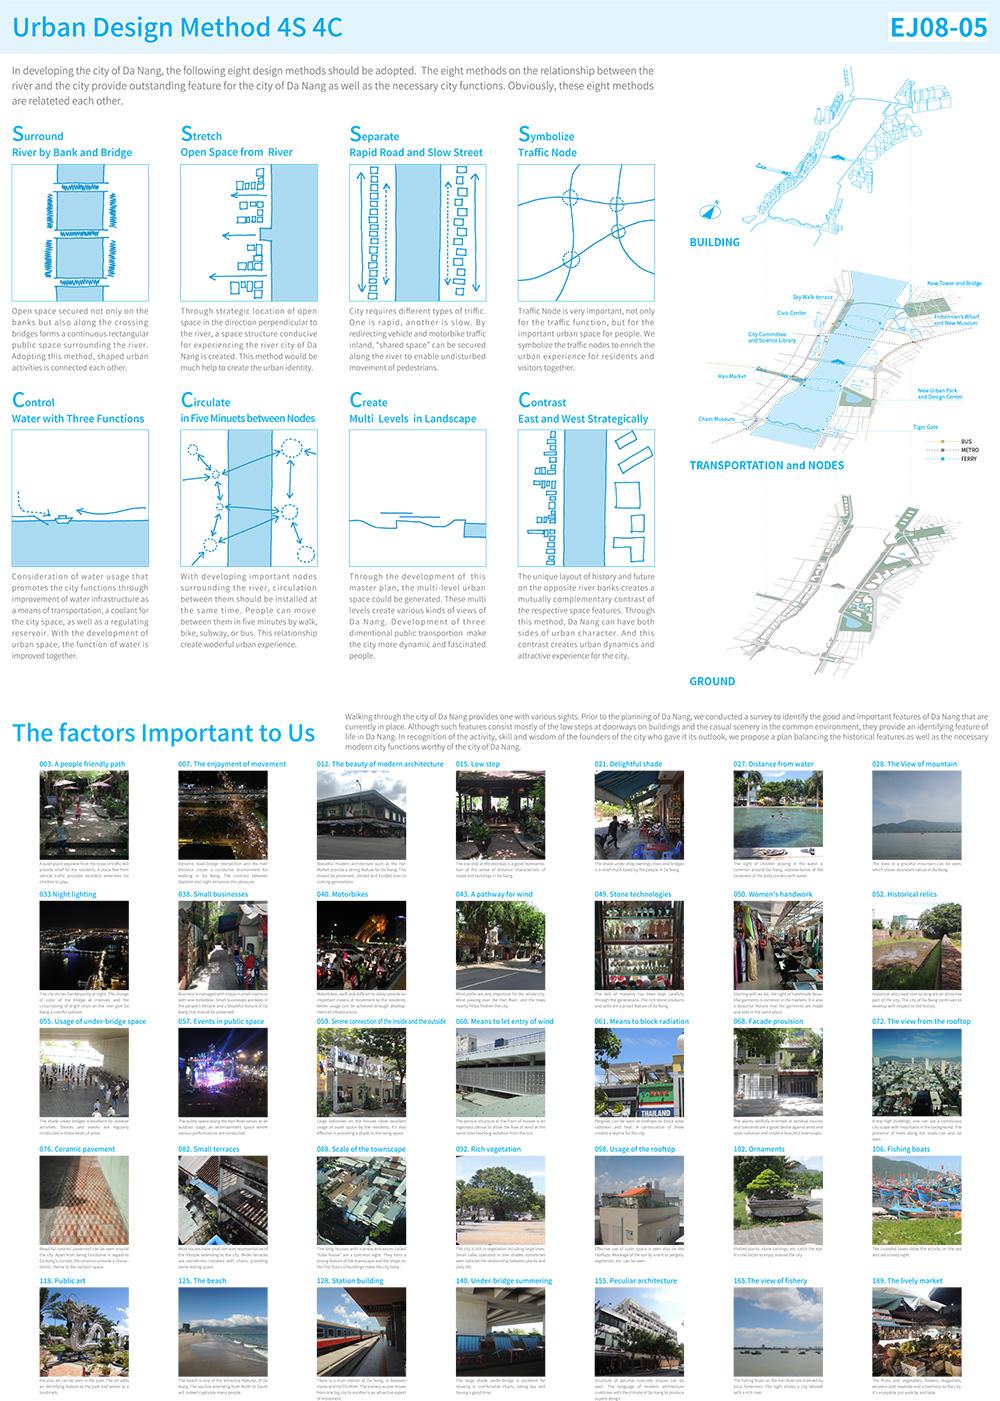 a0_ej08-05_urban-design-strategy-4s4c